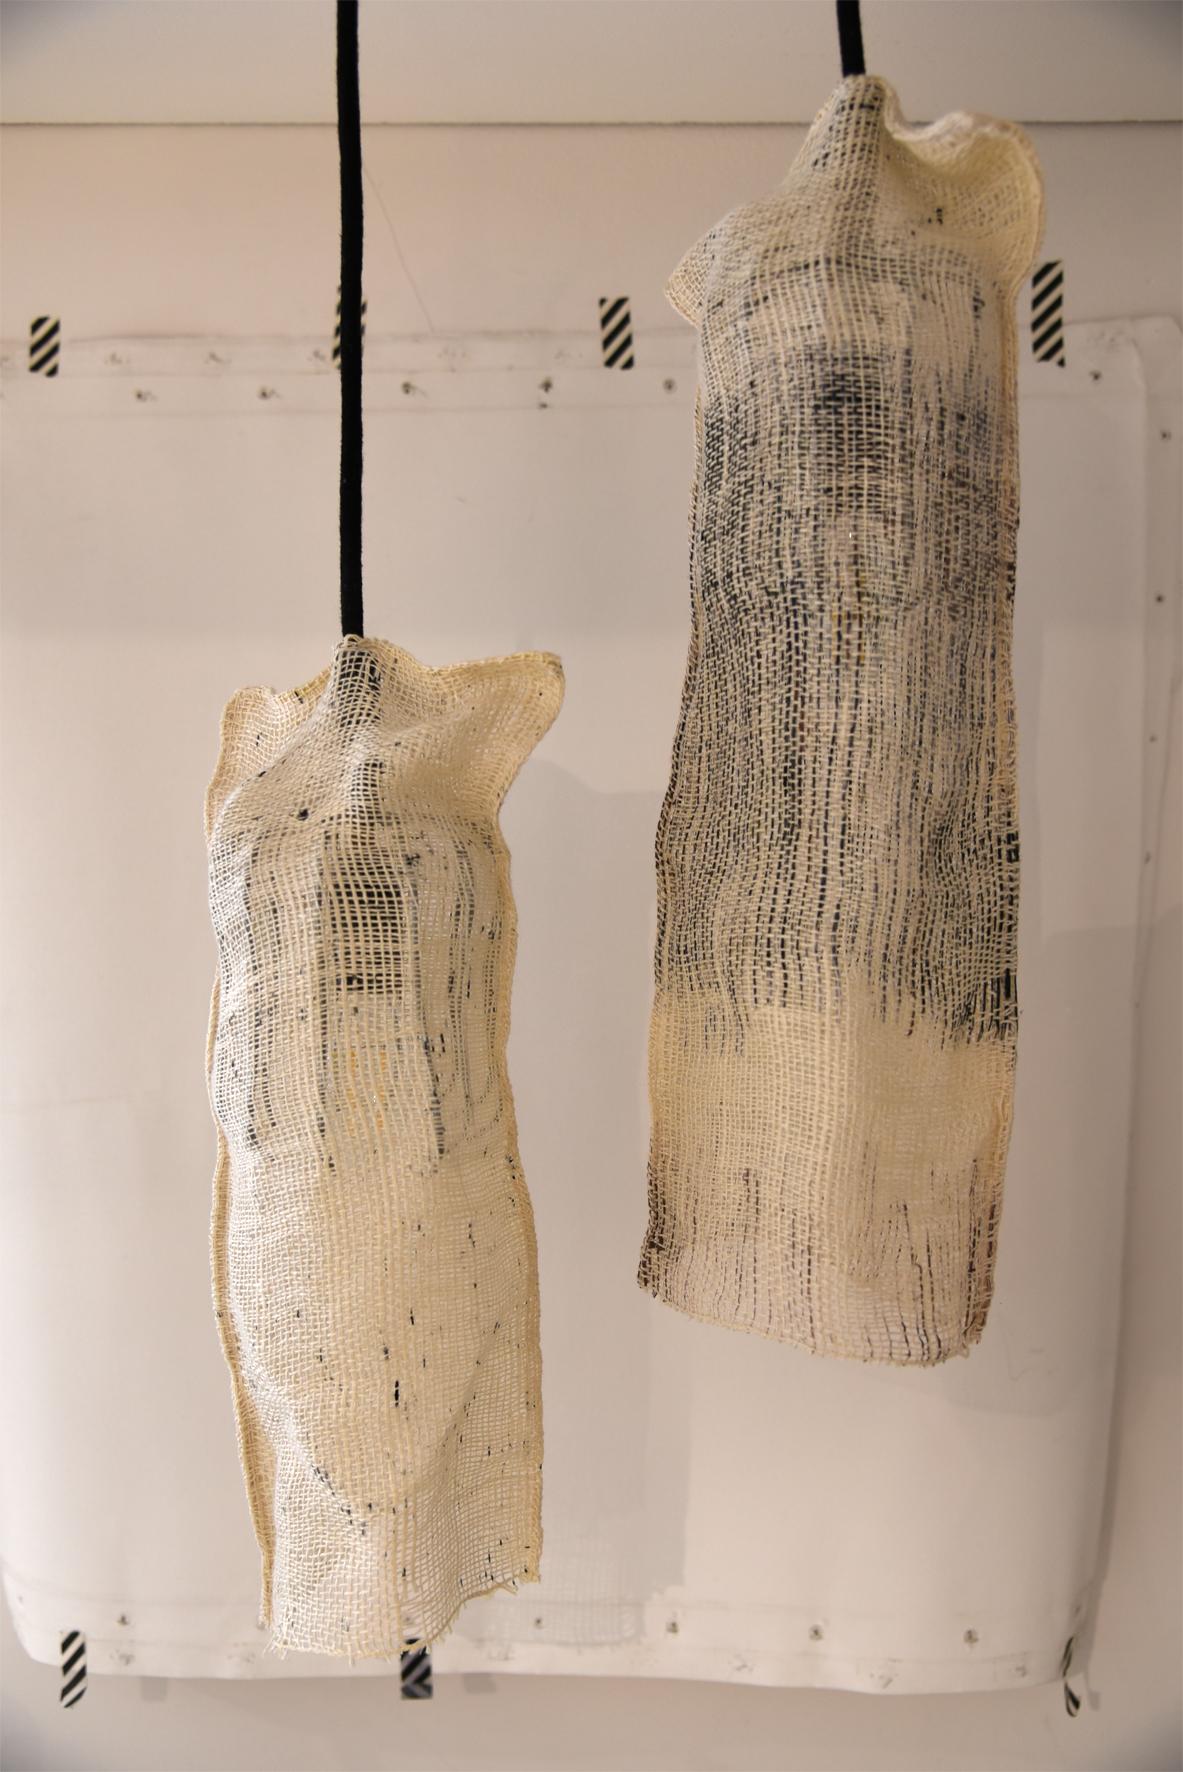 Suspension tissée en lin Agnès Dosmas Krier galerie boutique ouvrage aix en provence